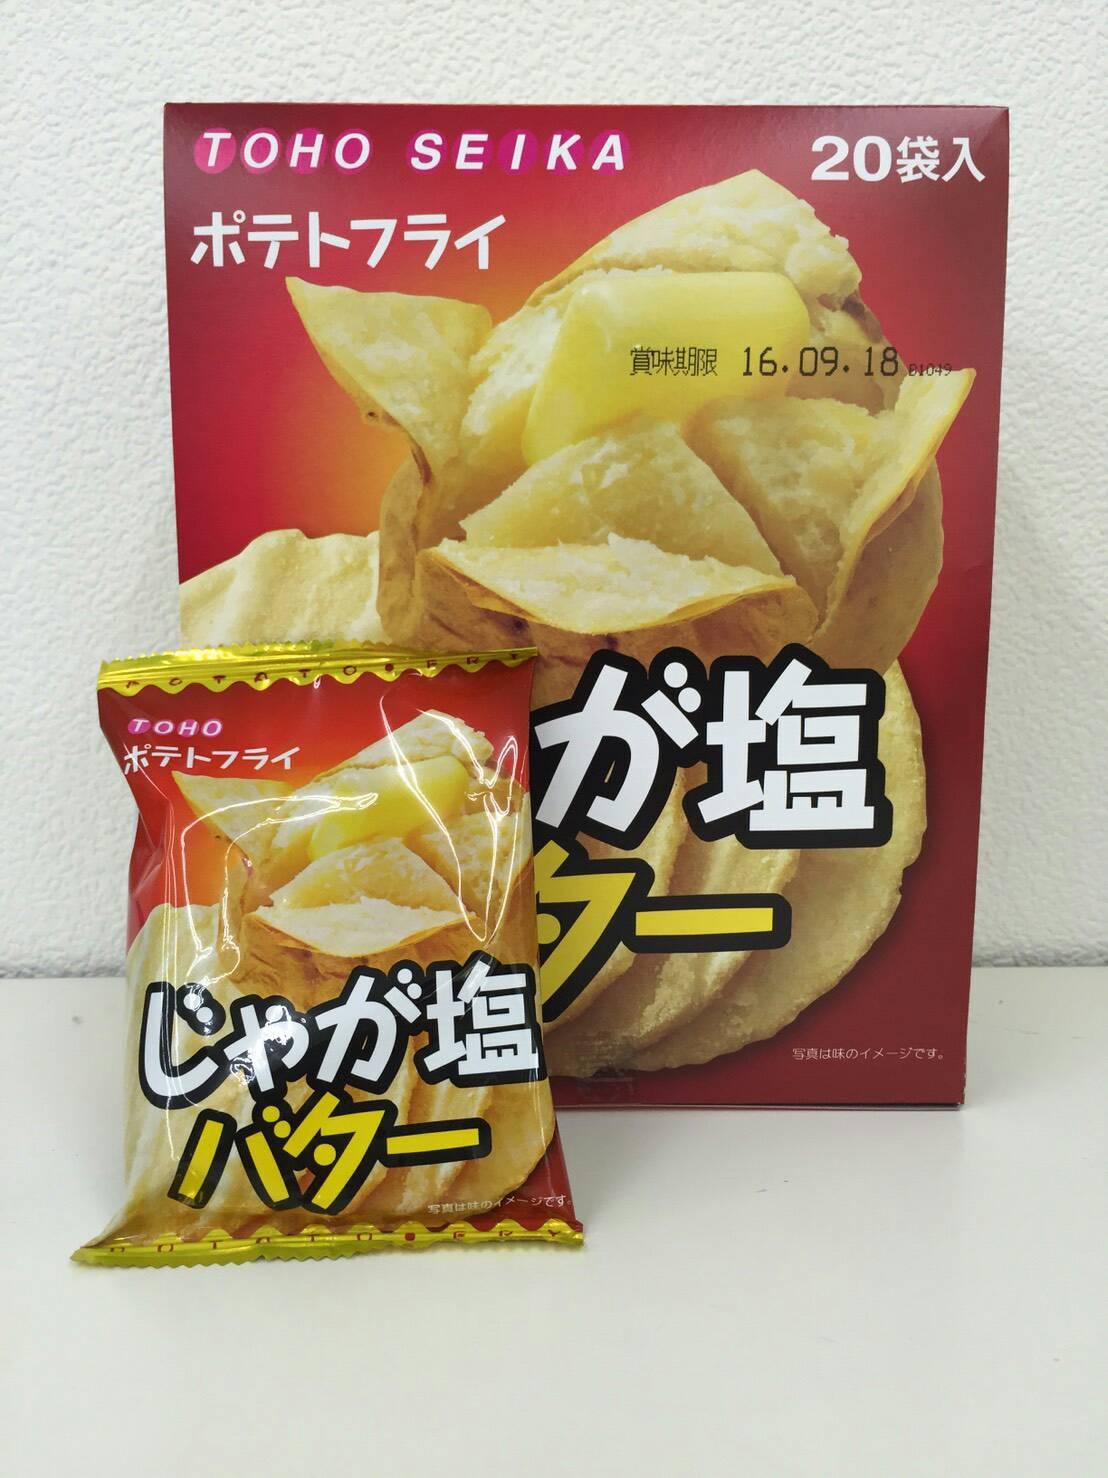 ポテトフライ各種(1箱20ケ入)